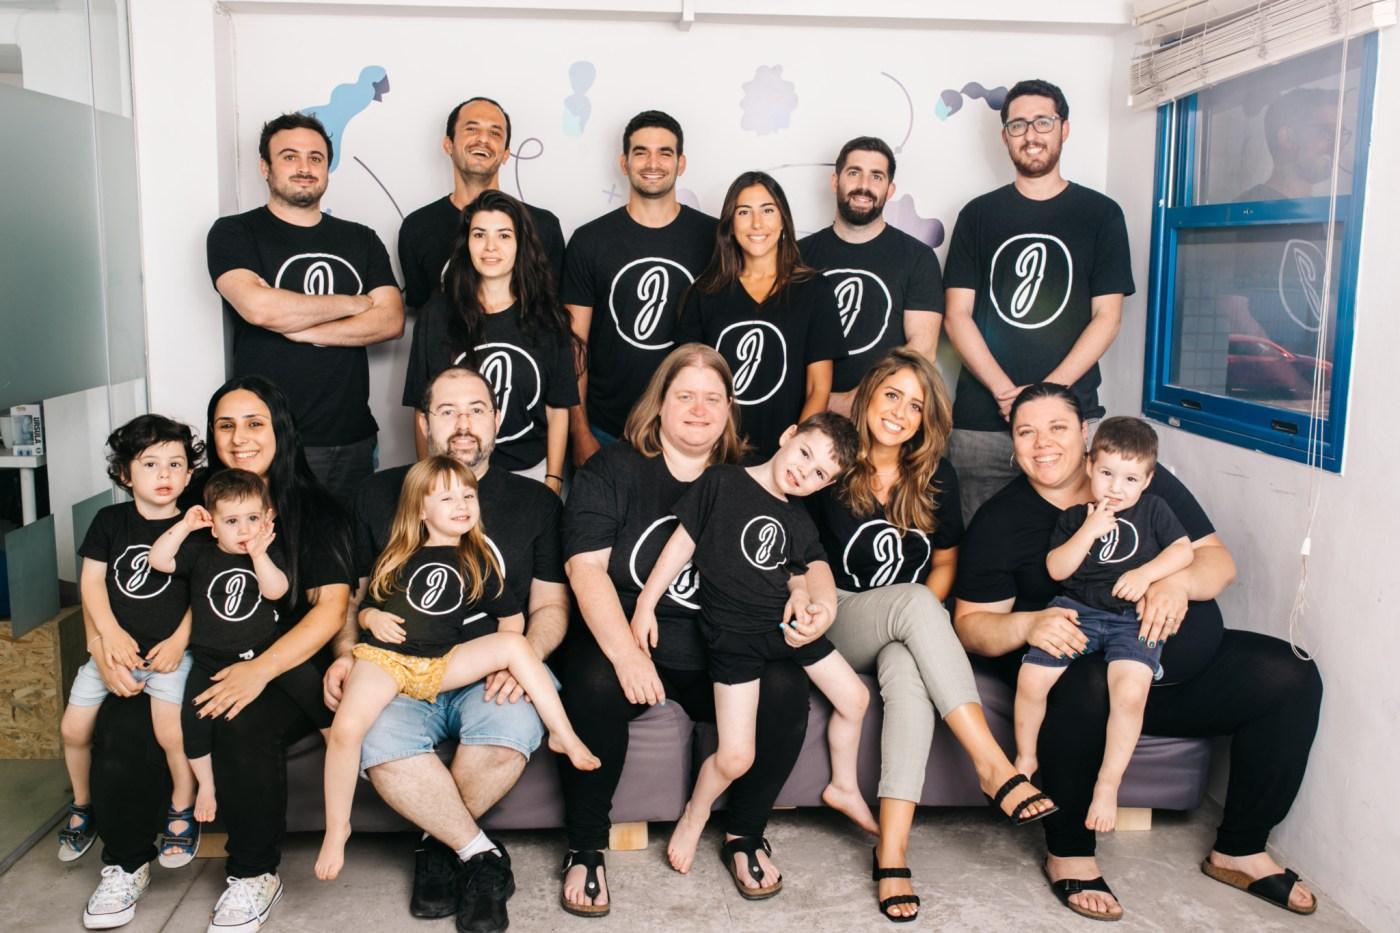 Joonko is a promising startup based in Birmingham. Photo via Joonko